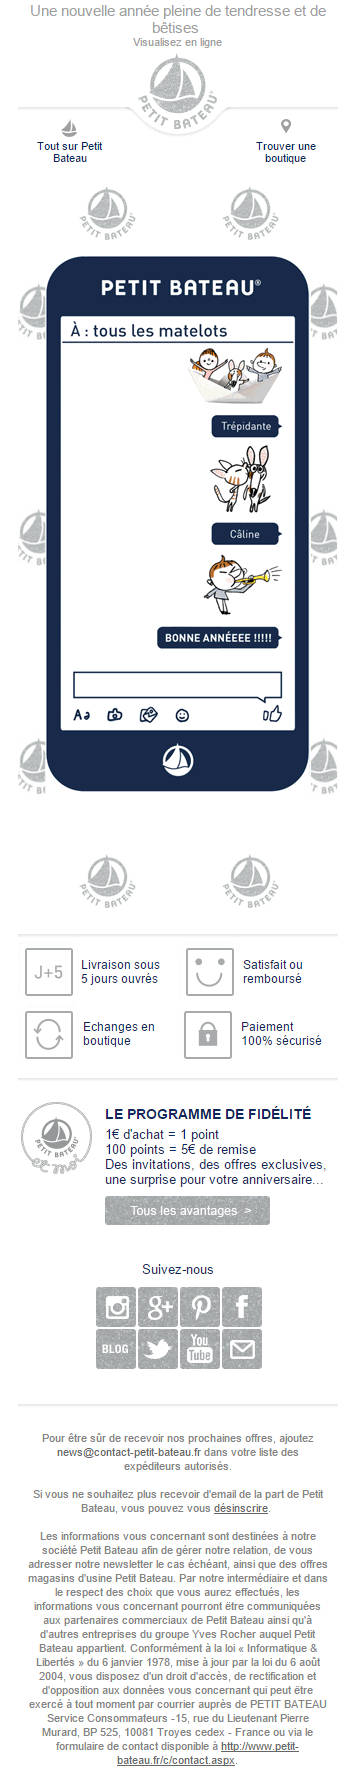 2016-01-01-petitbateau-mobile